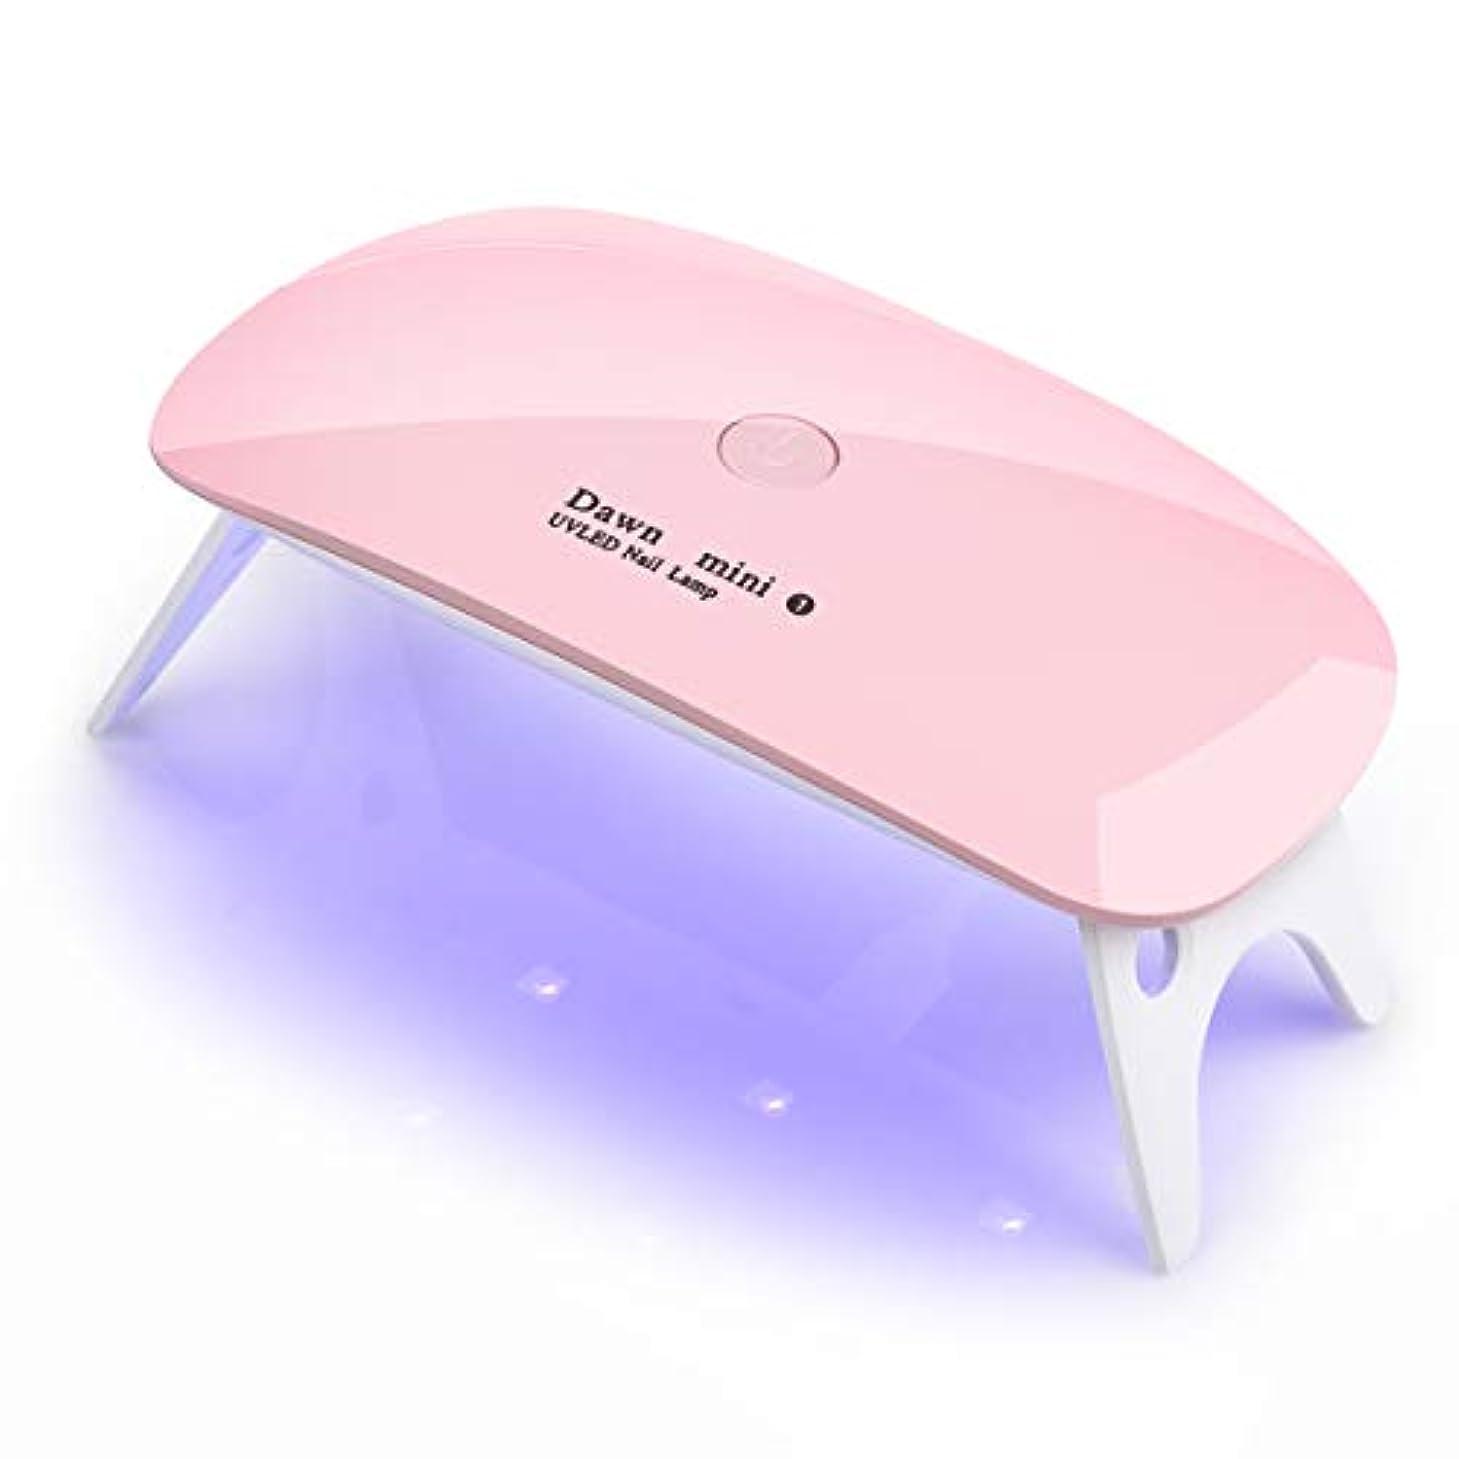 ソートマディソン協力LEDネイルドライヤー UVライト Foloda タイマー設定可能 折りたたみ式手足とも使える 人感センサー式 LED 硬化ライト UV と LEDダブルライト ジェルネイル用 ホワイト (ピンク)